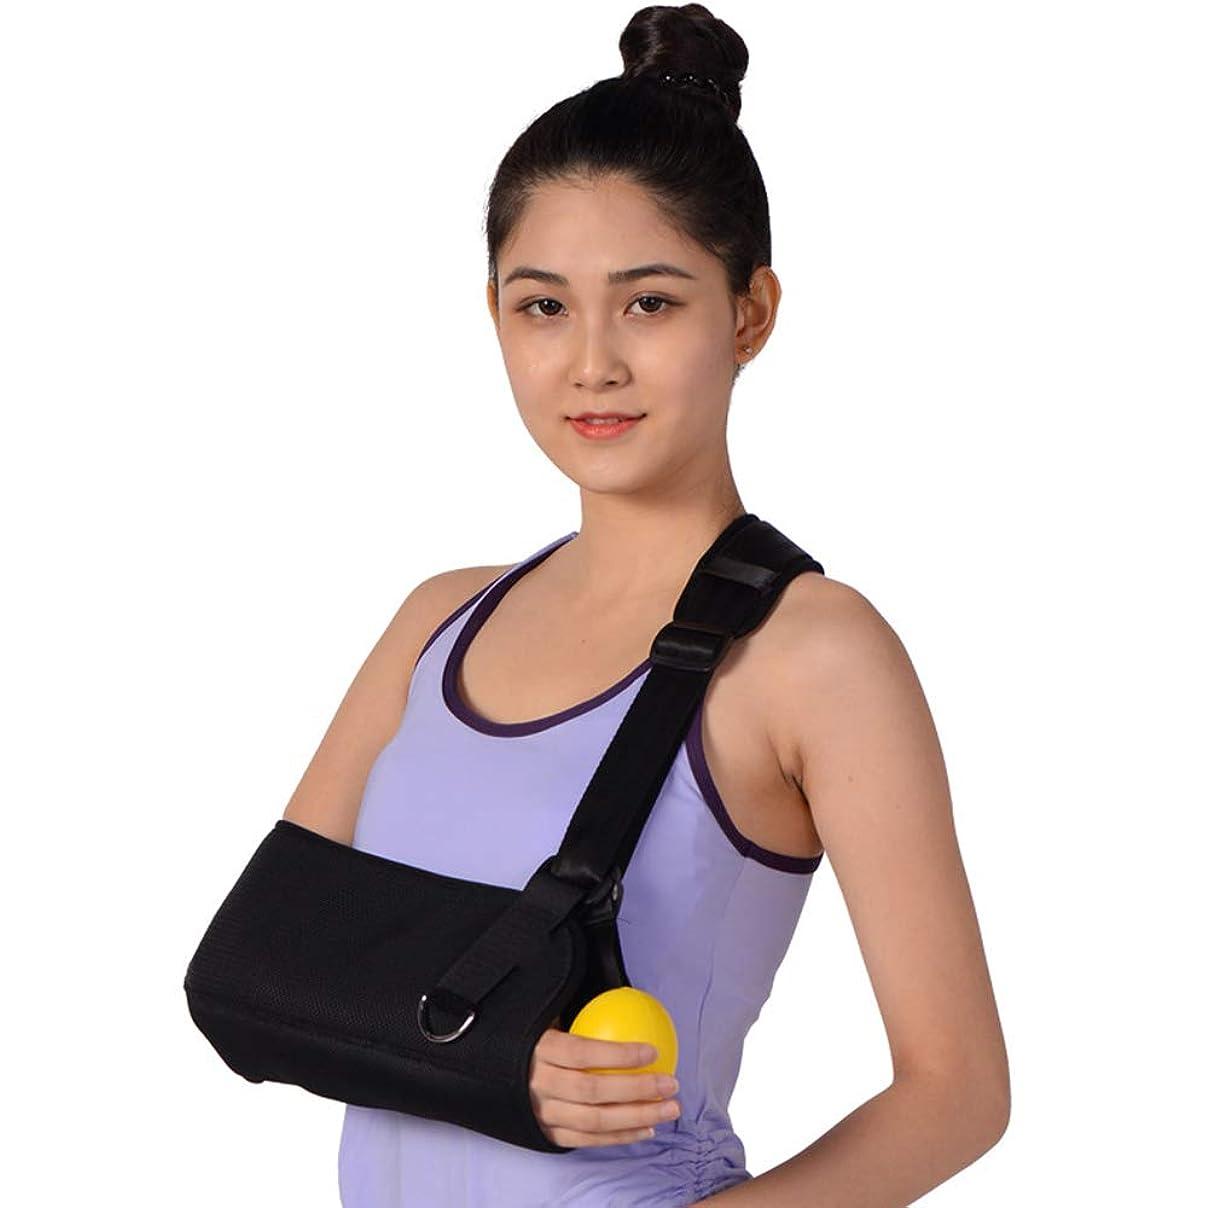 植物学急速な飽和する肩外転スリング、怪我サポート用イモビライザー、回旋腱板用痛み緩和アーム枕、サブレキシオン、手術、脱臼、骨折した腕